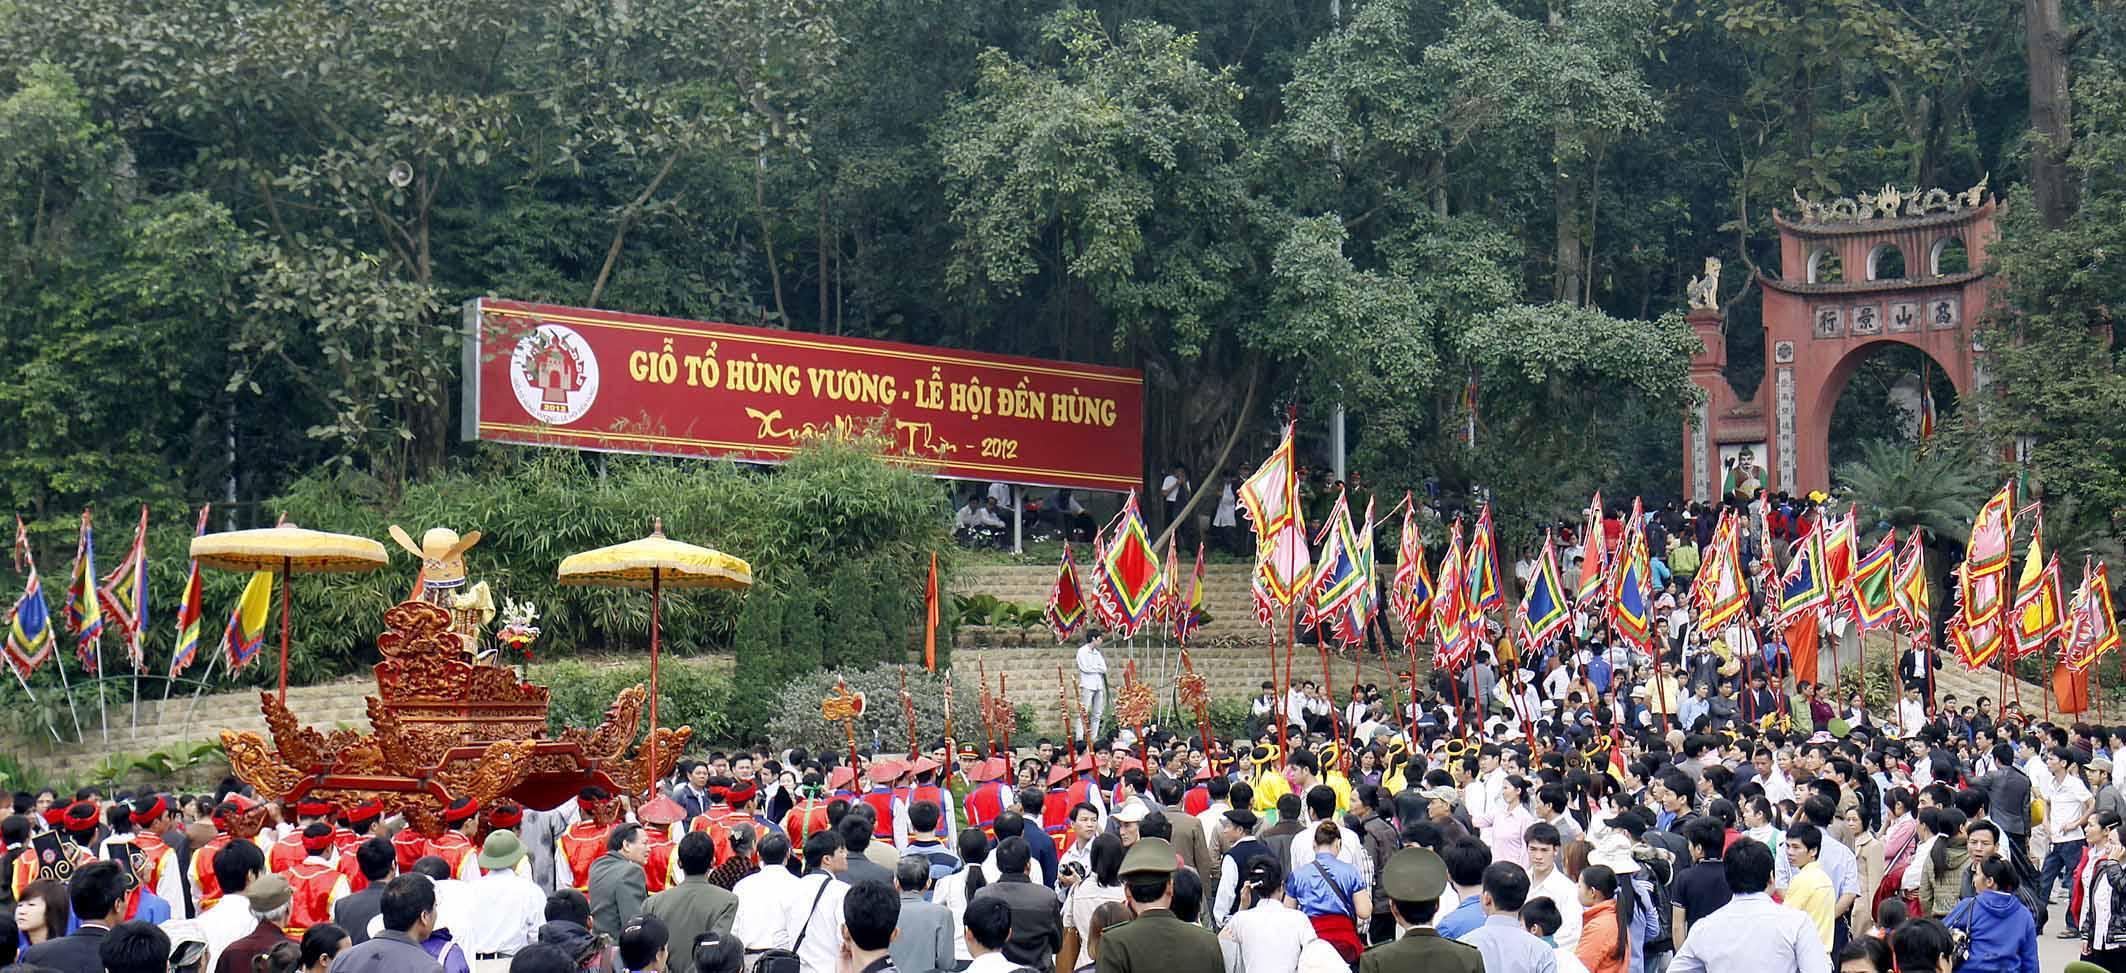 Địa điểm tham quan lý tưởng cho đợt nghỉ Giỗ tổ tại Phú Thọ